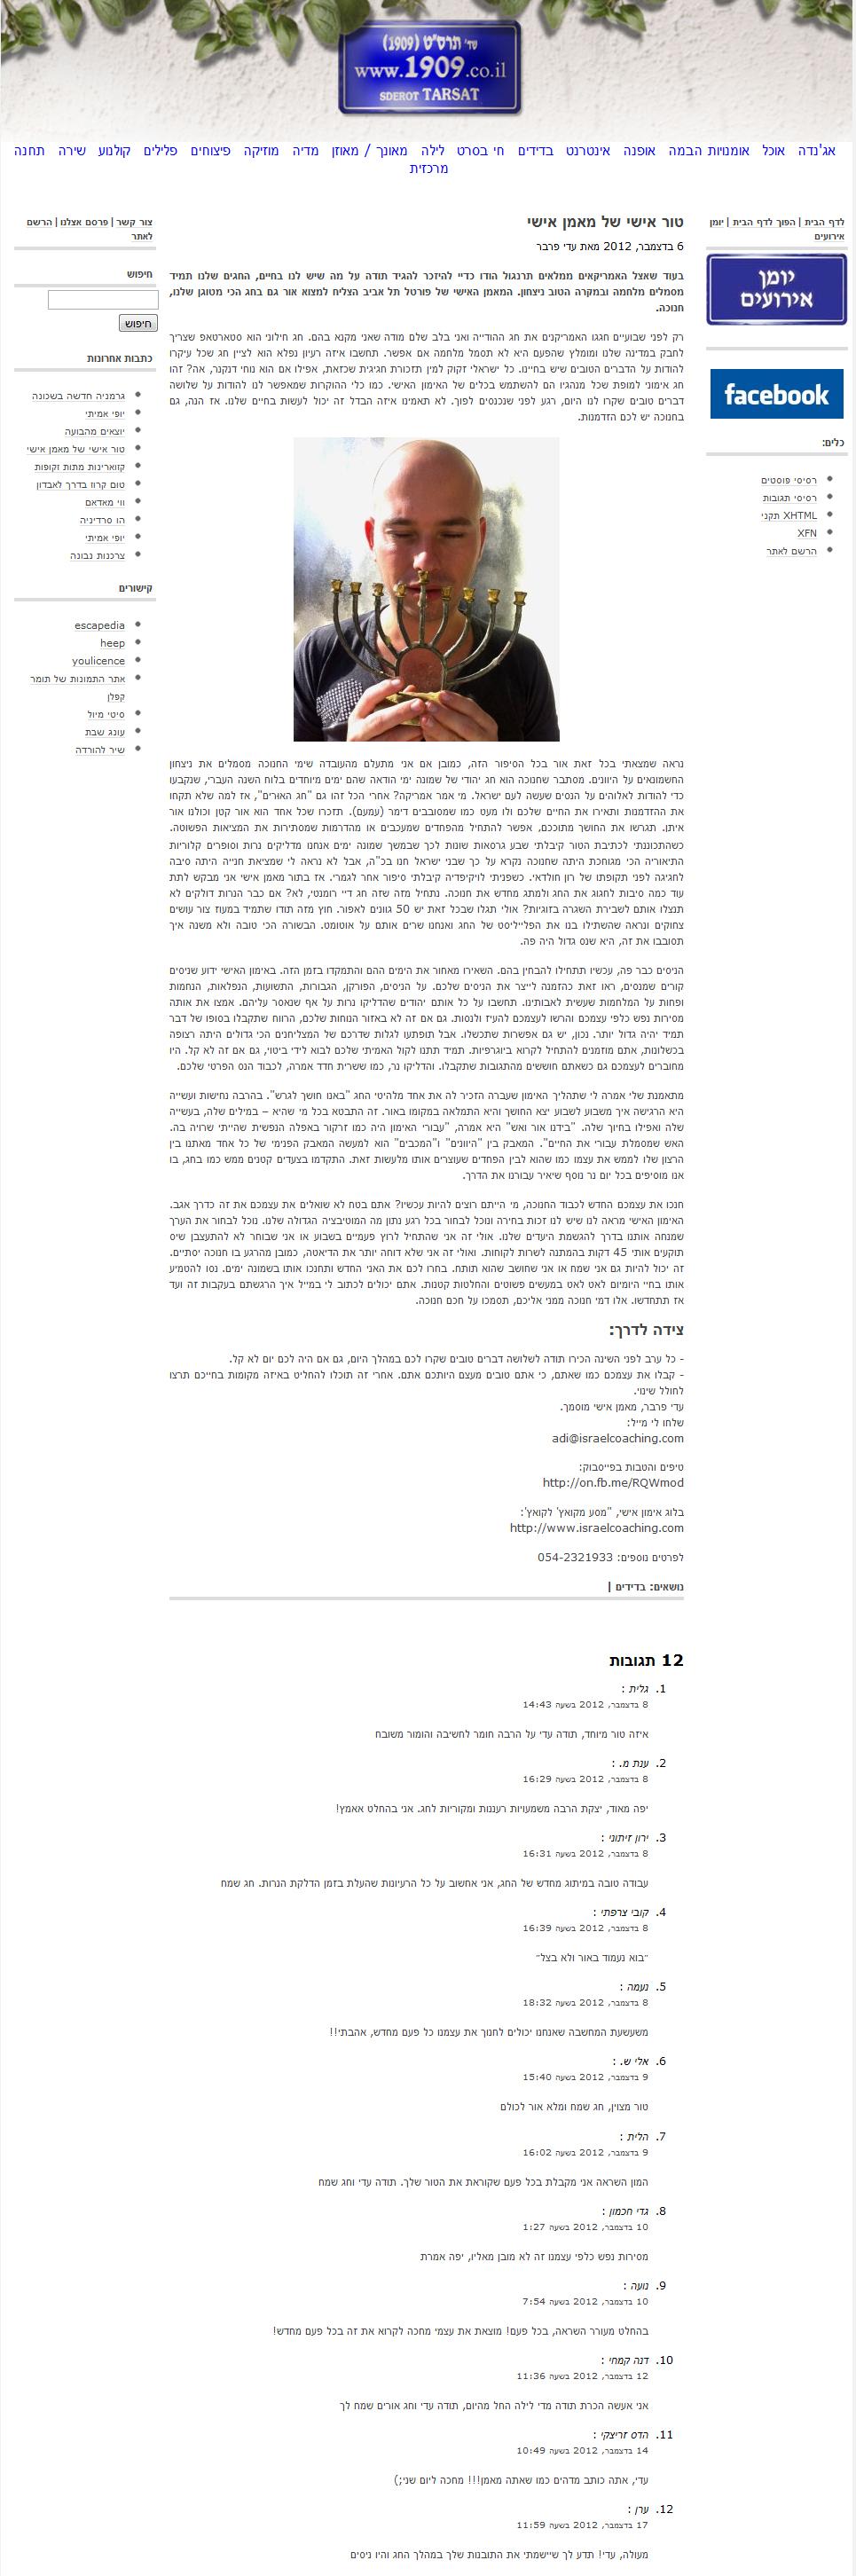 הטור השבועי שלי בפורטל תל אביב עם צעדים פשוטים של קואצ'ינג לגירוש החושך מחיינו בחג החנוכה